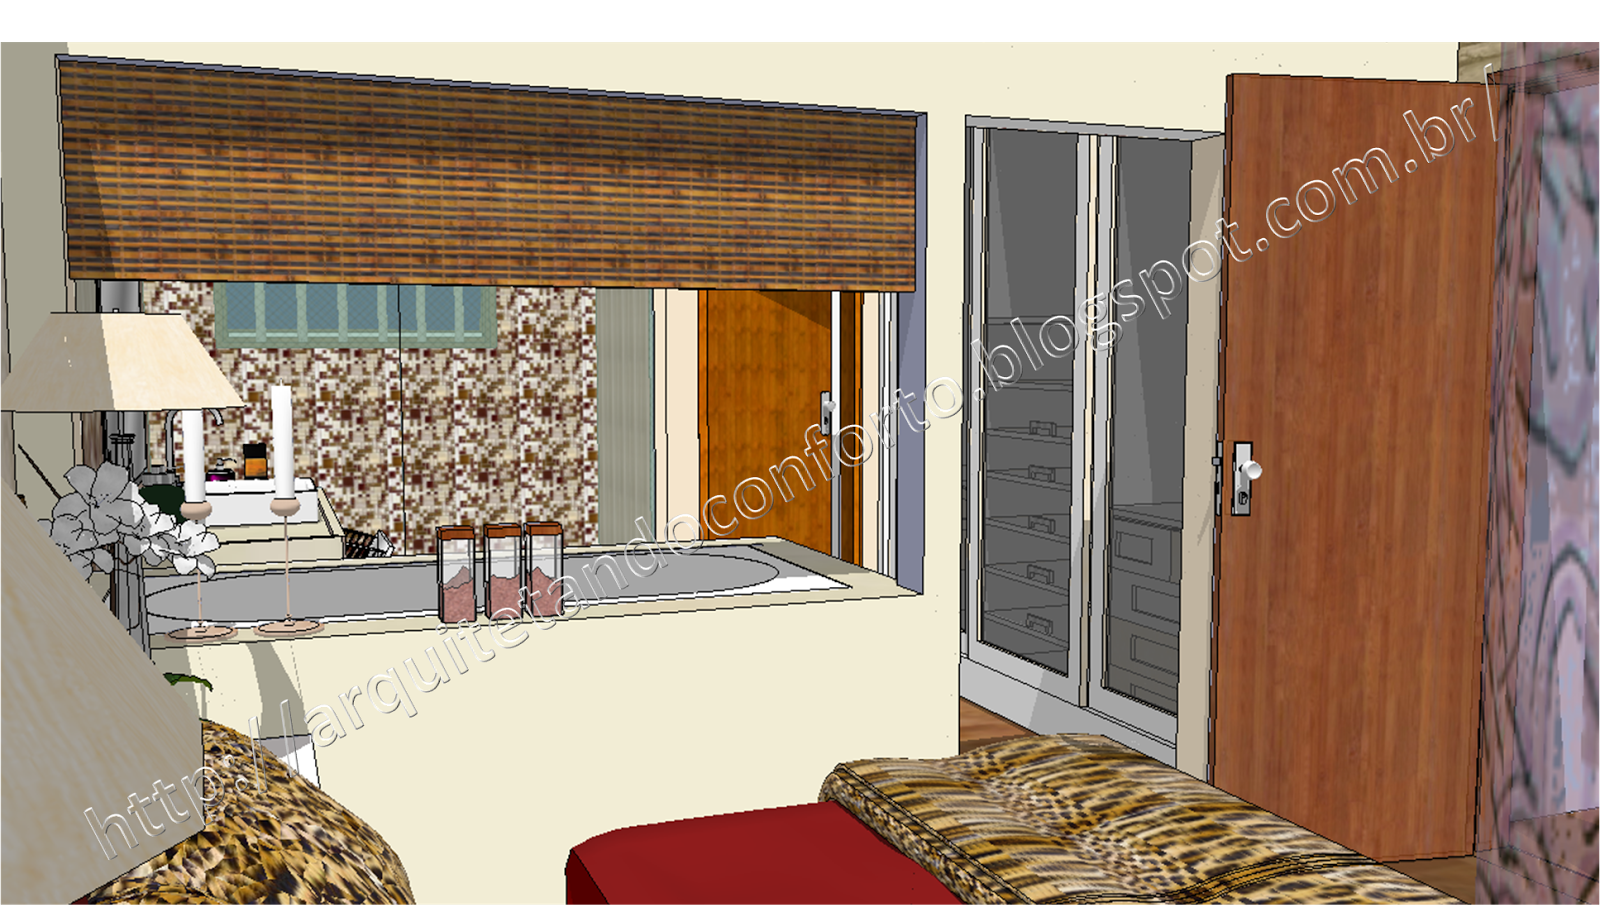 Arquitetando Conforto: Quarto Conforto e praticidade #996C32 1600x907 Banheiro Com Banheira Integrada